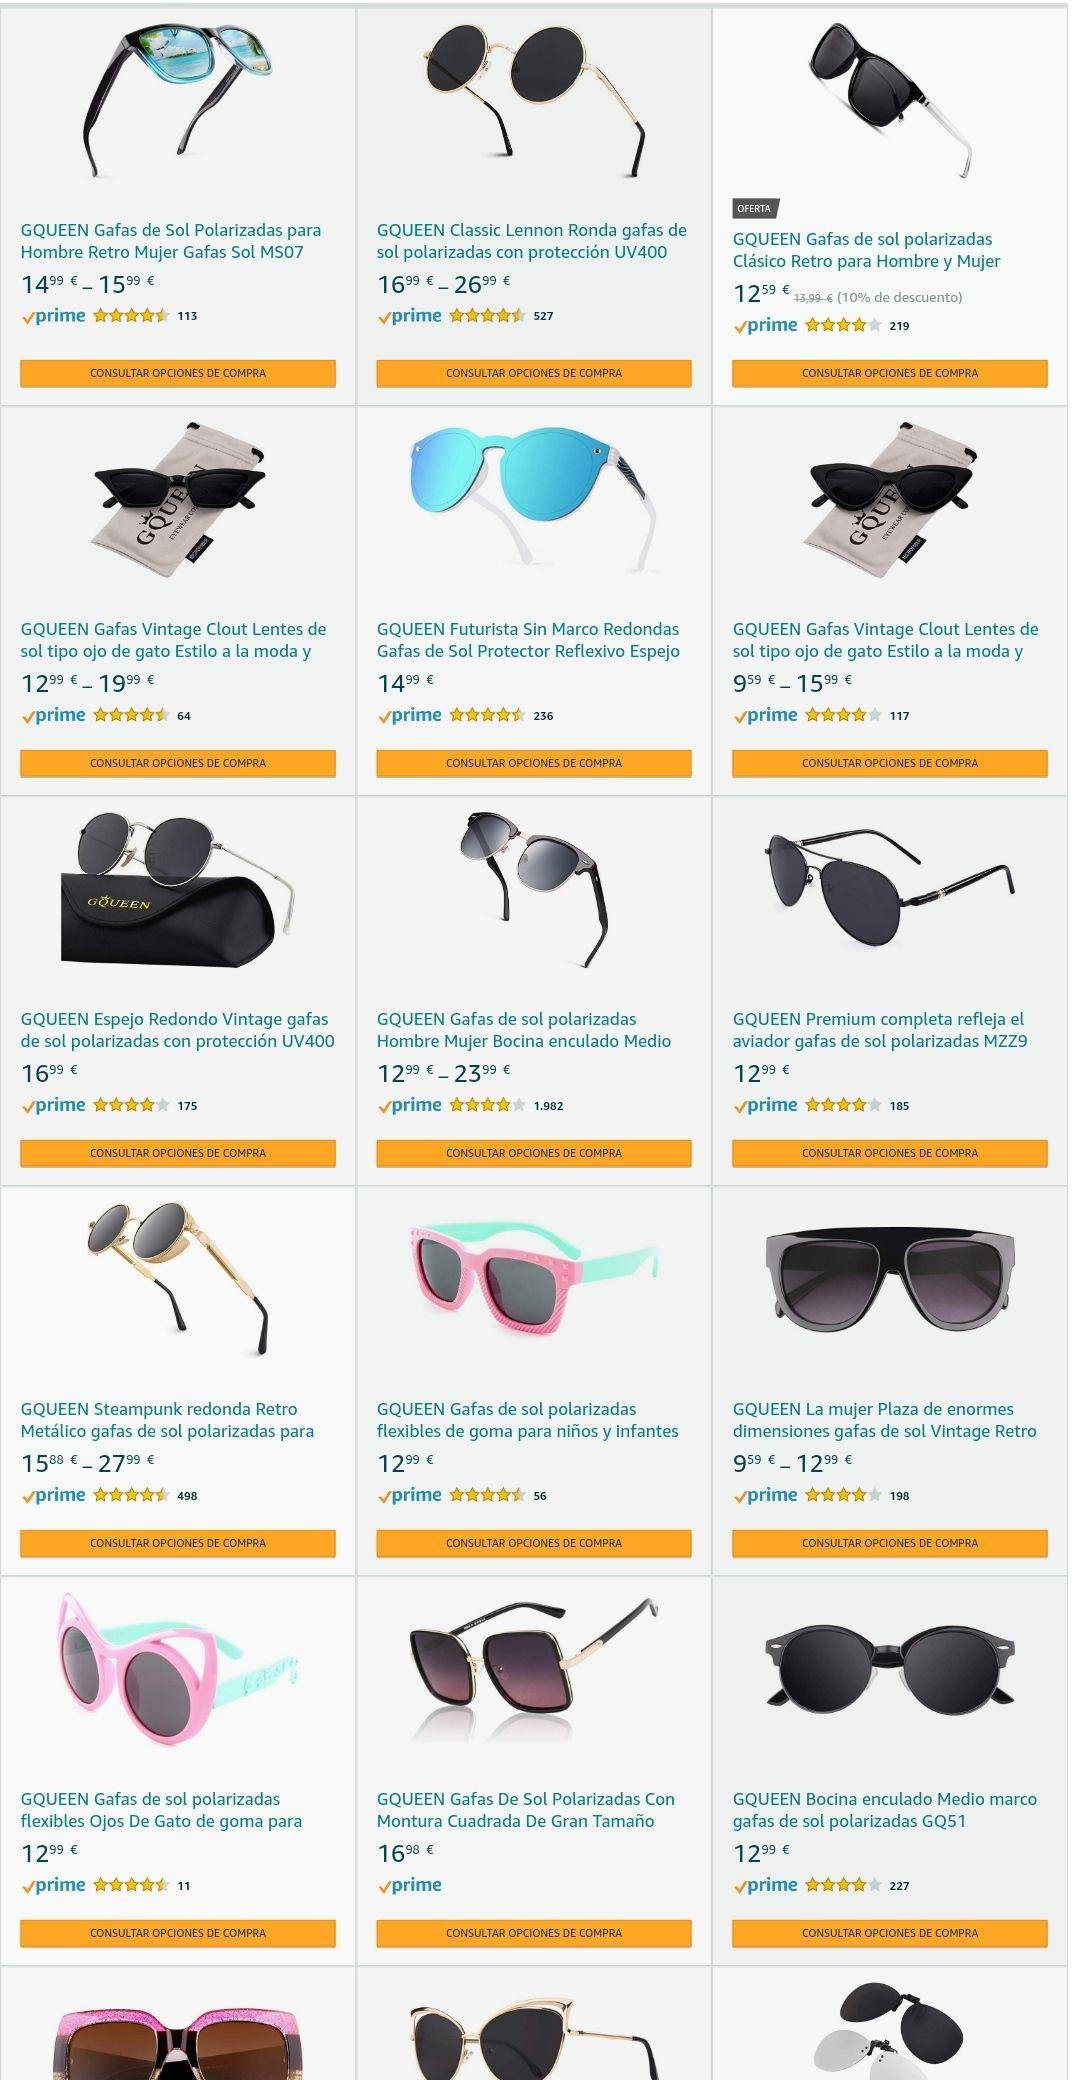 Descuento Amazon en gafas marca GQueen